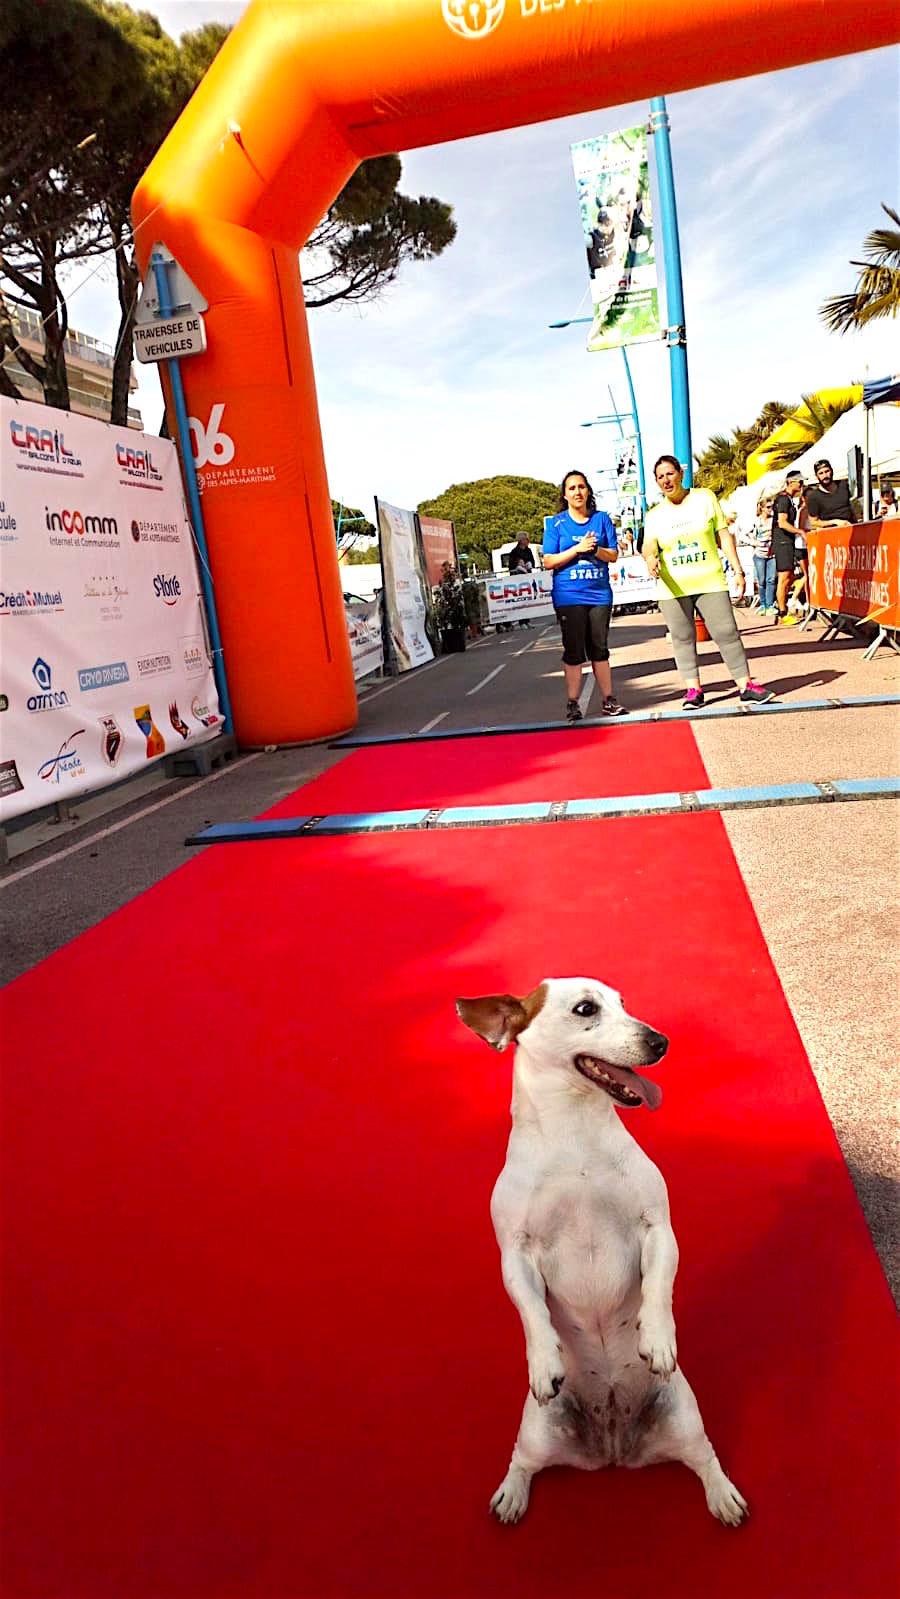 Maraton trail cannes 2019.jpg